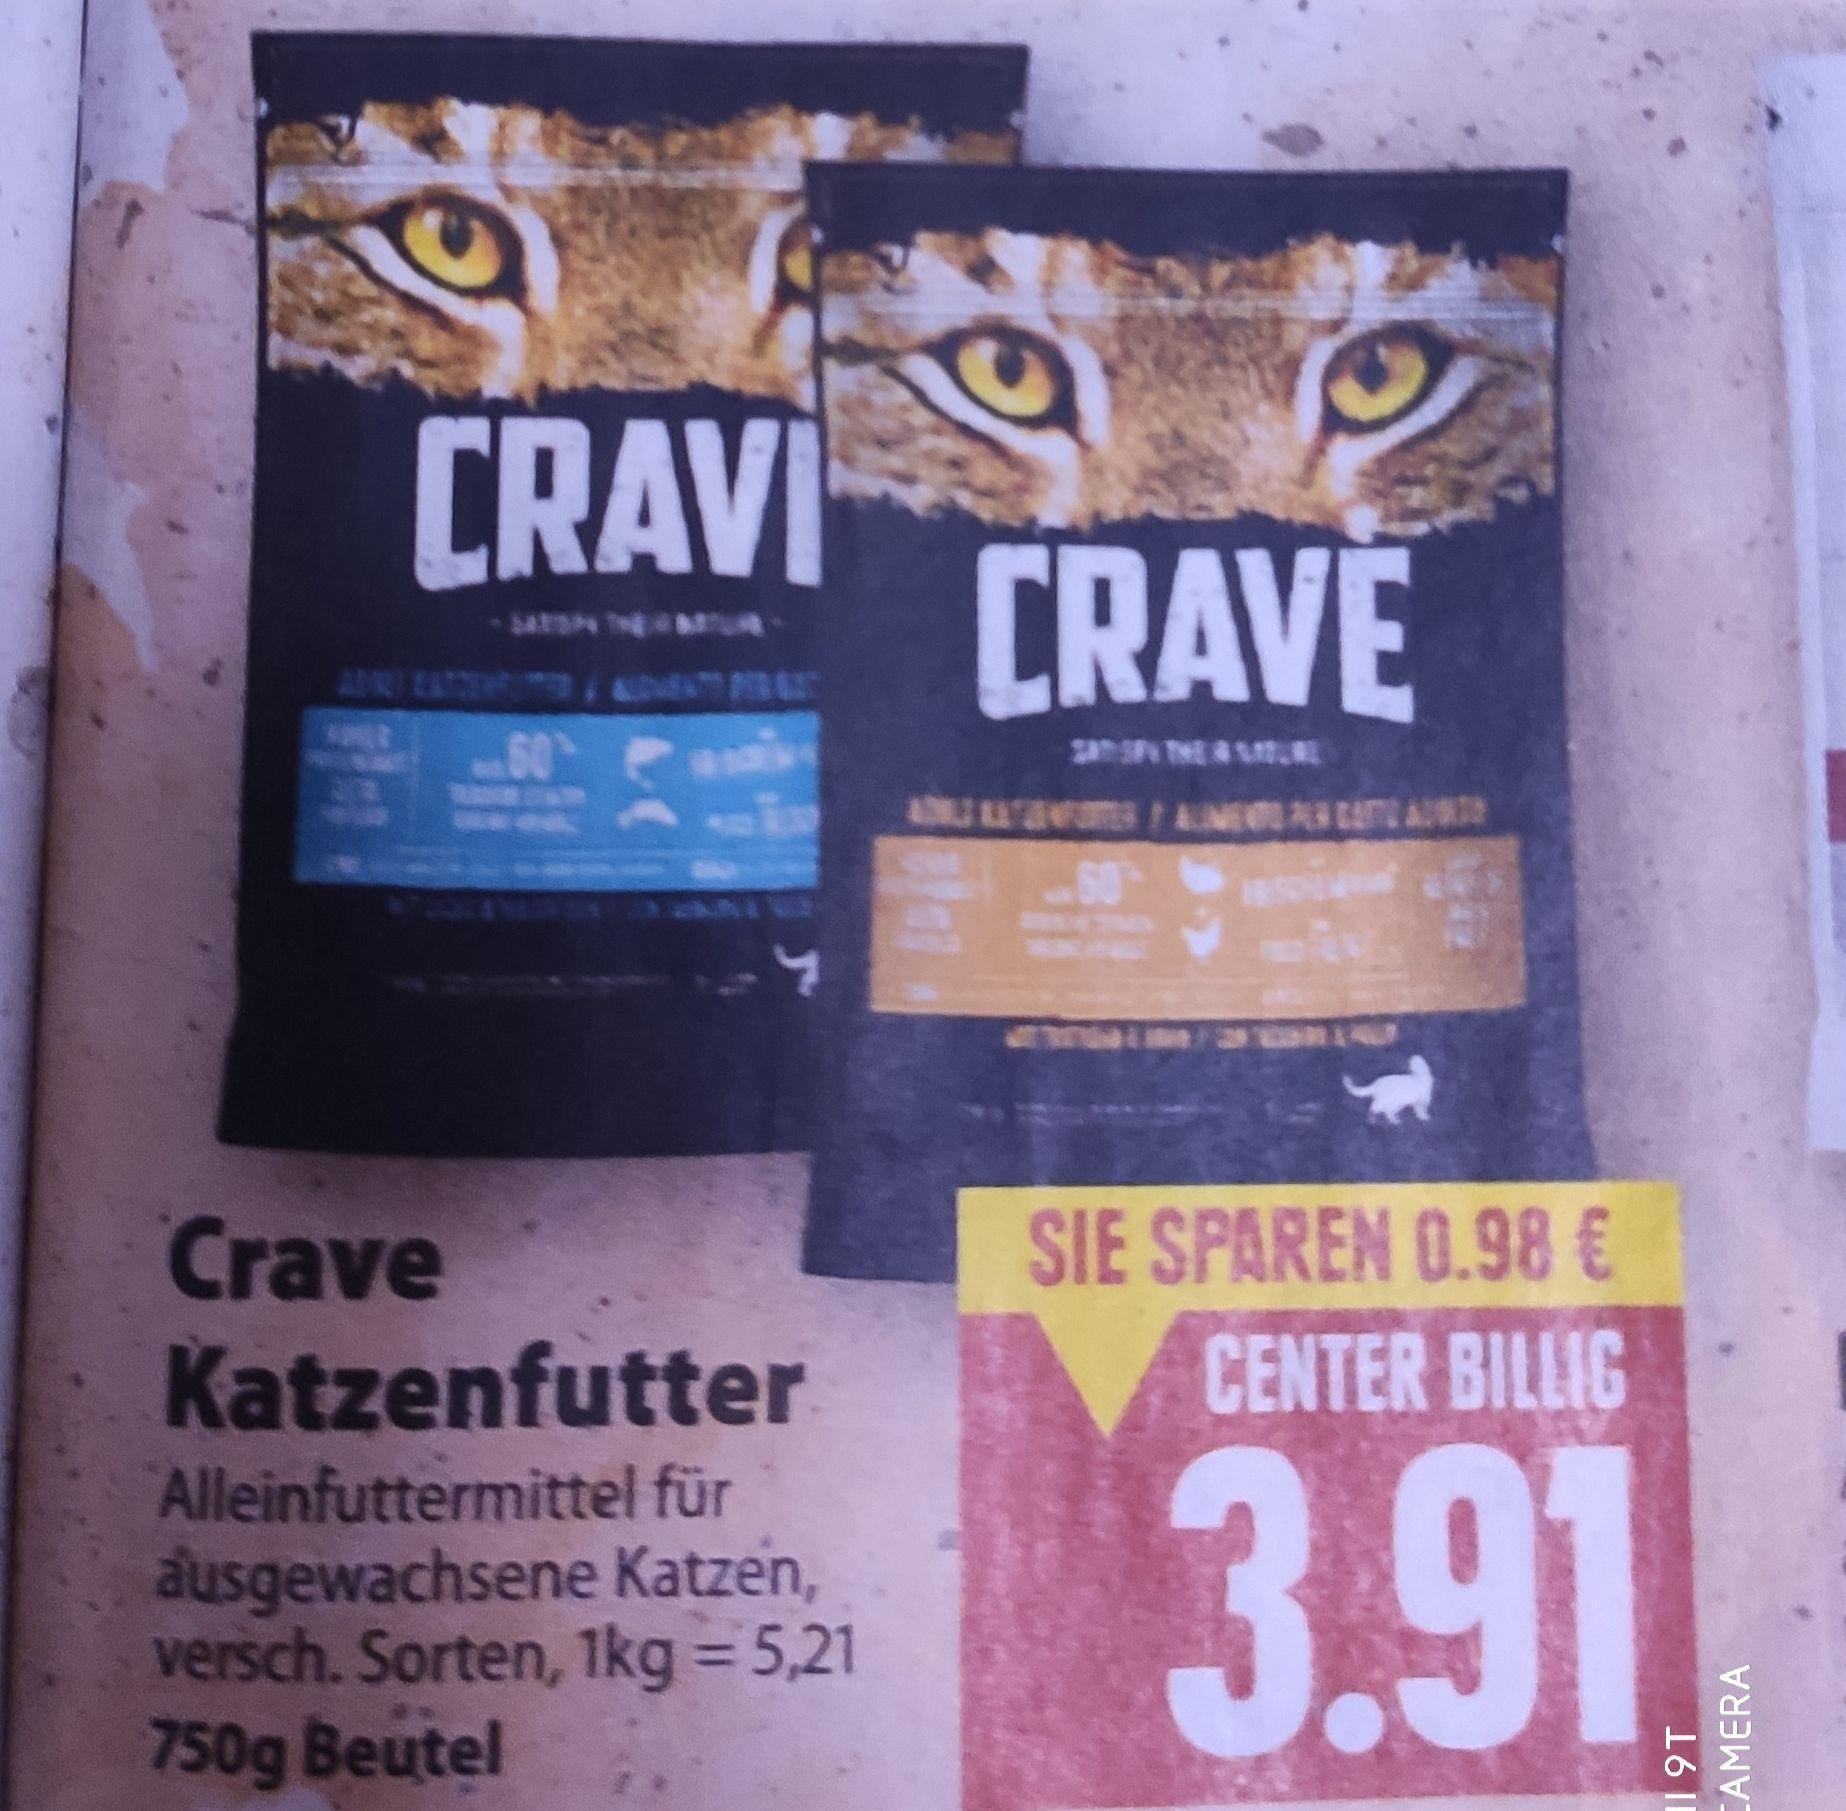 [Edeka Center Minden-Hannover] 2x Crave Katzenfutter 750g mit Coupon für 5,82€